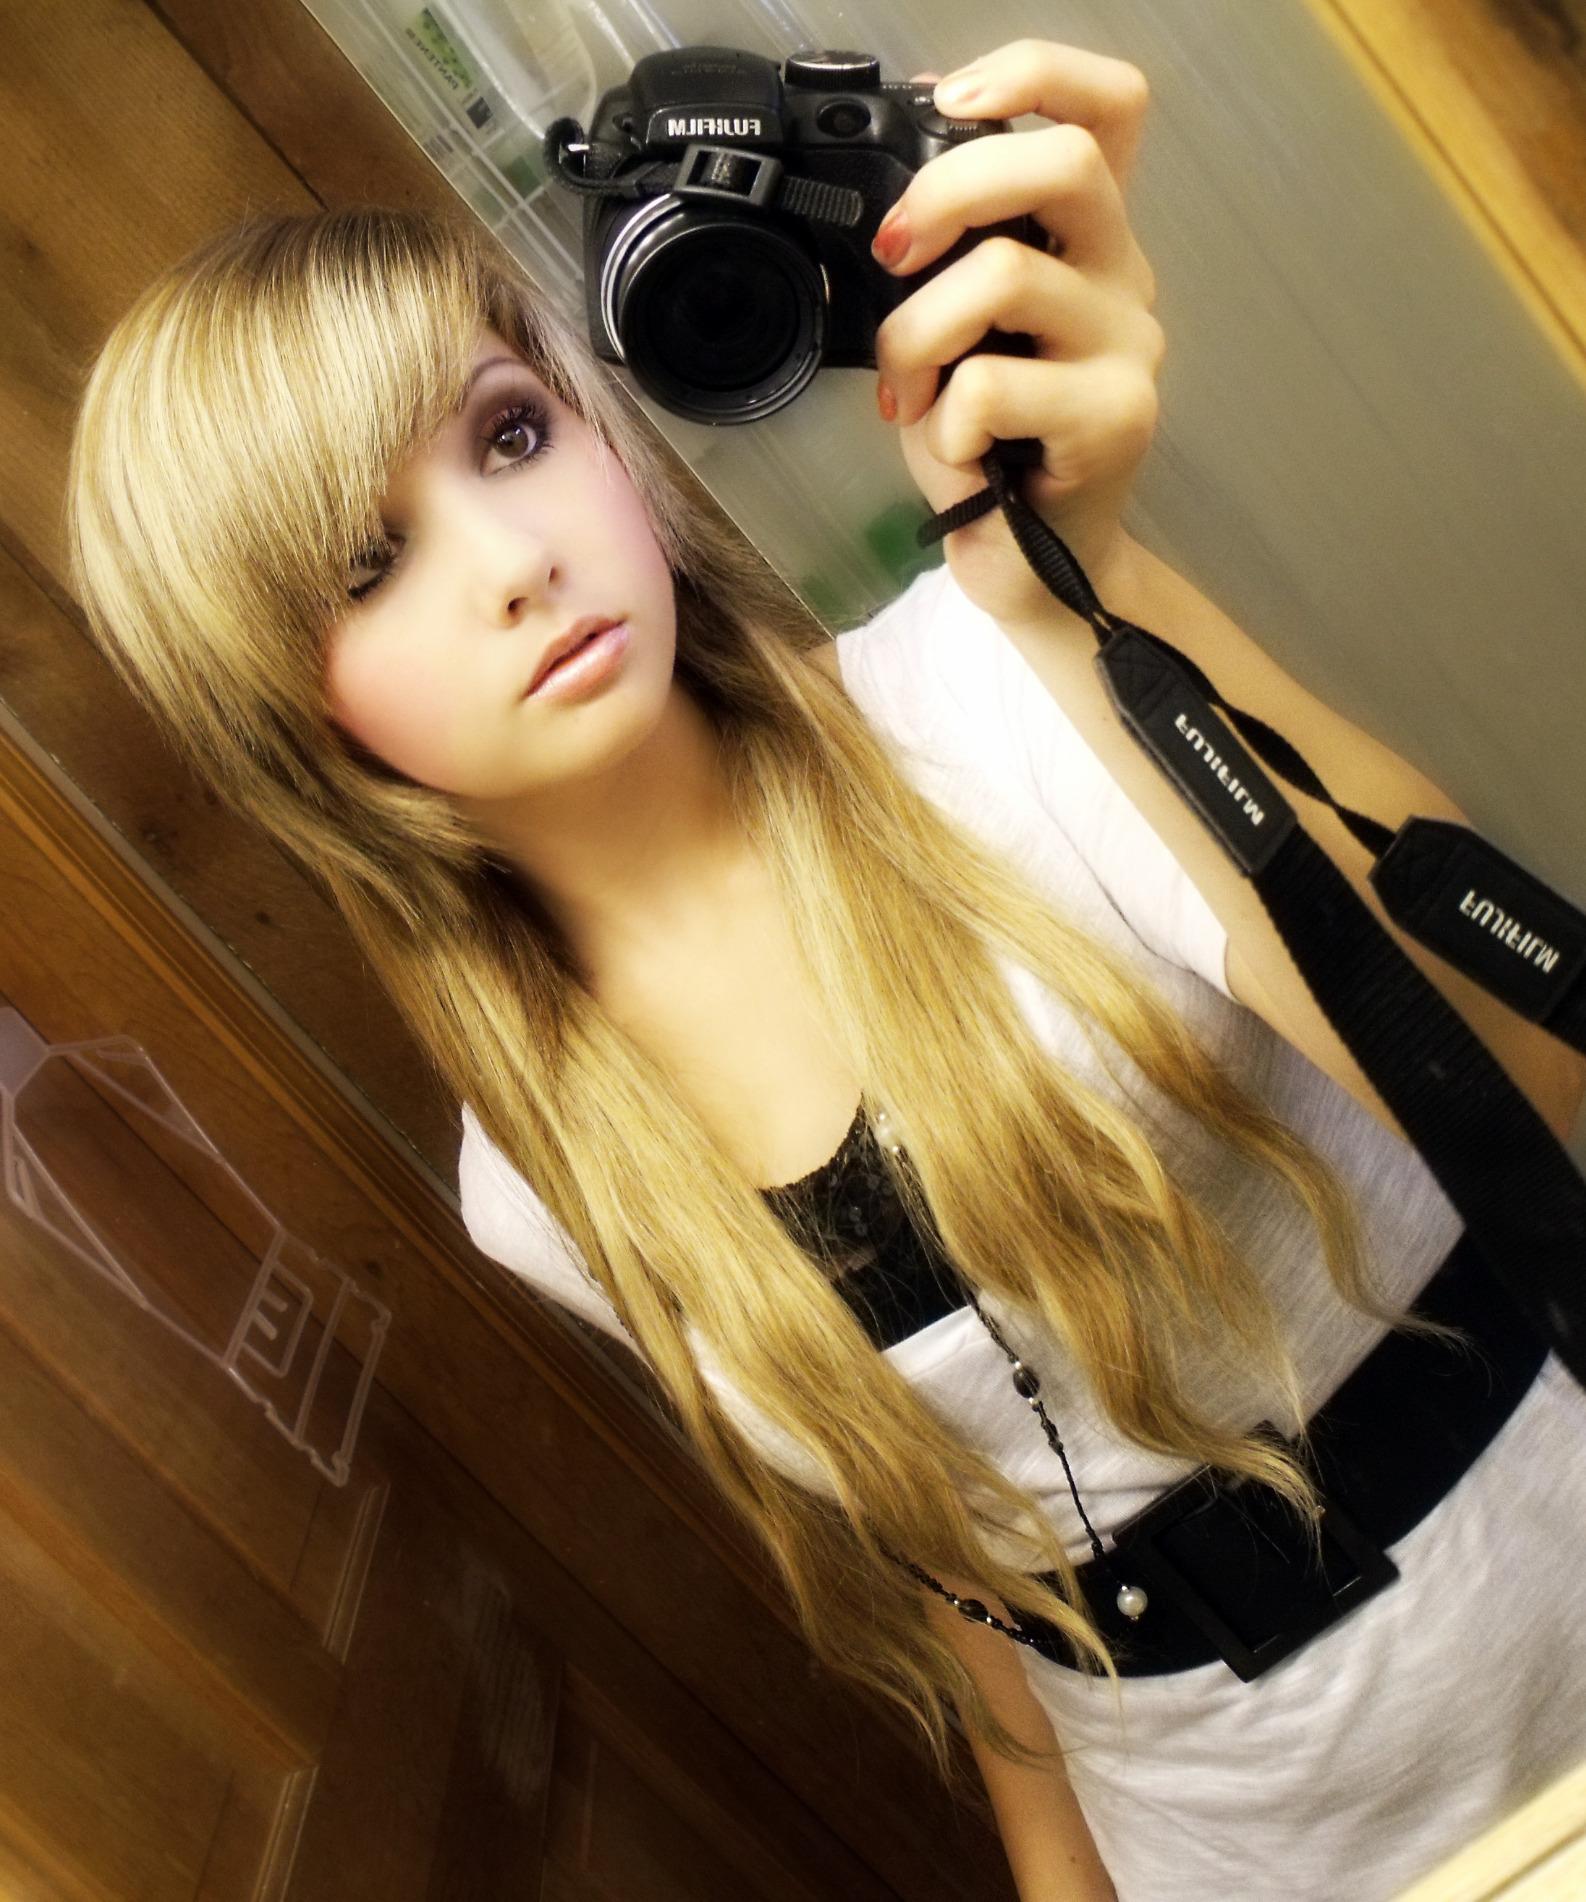 Эмо девушка блондинка 6 фотография